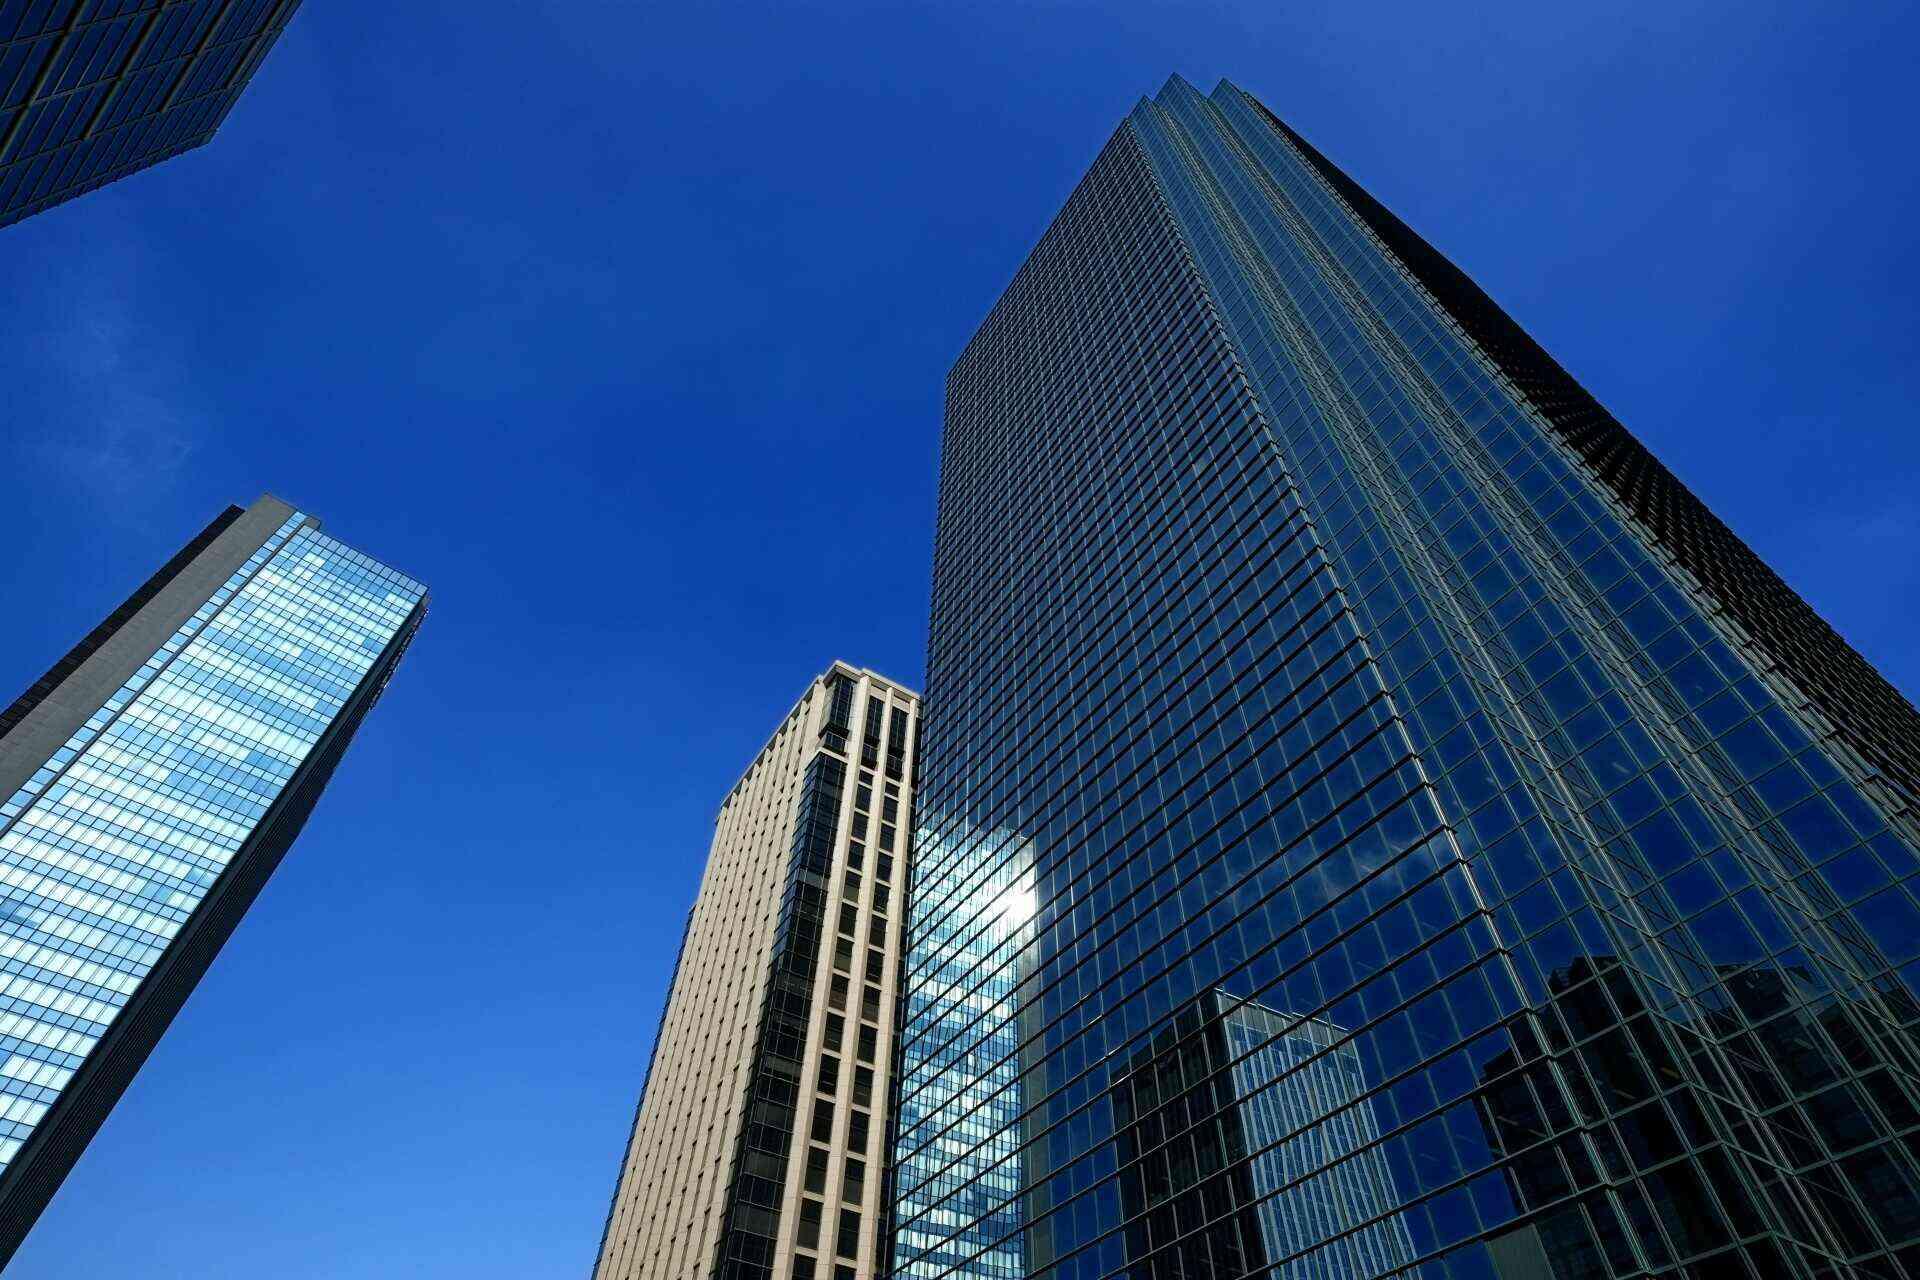 印刷業界を代表する大手企業2トップを紹介!